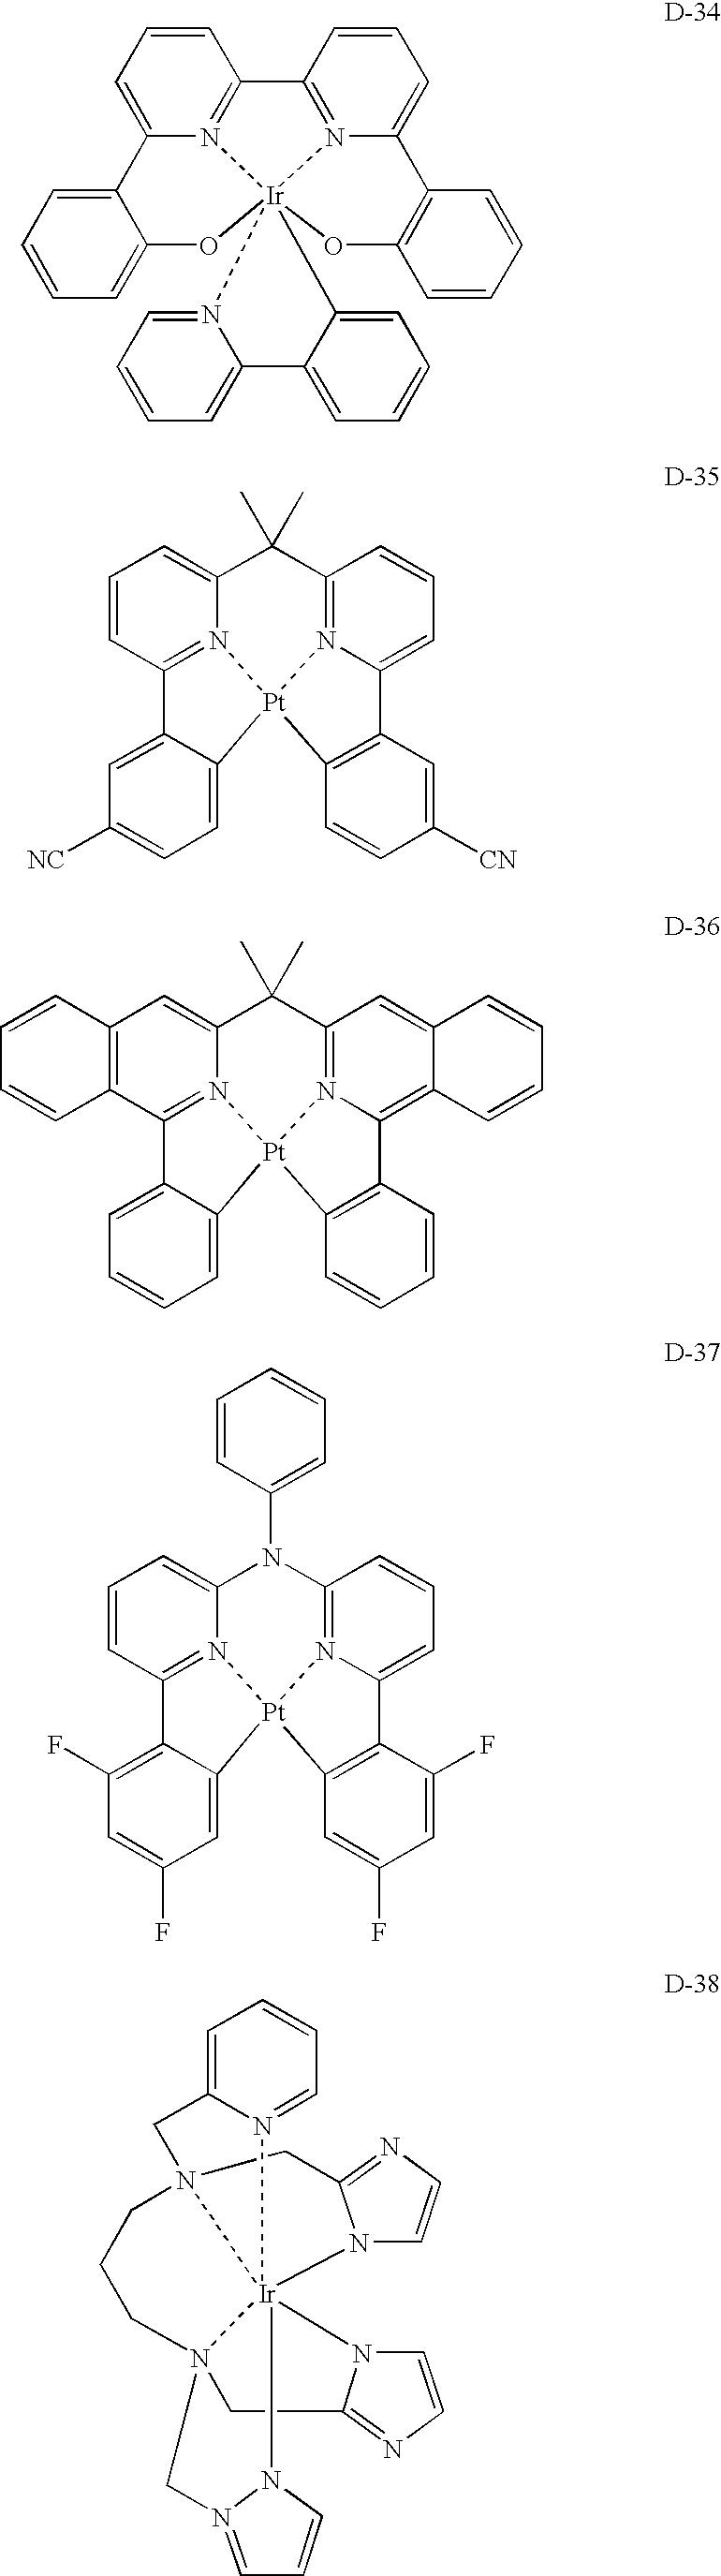 Figure US20100225229A1-20100909-C00007